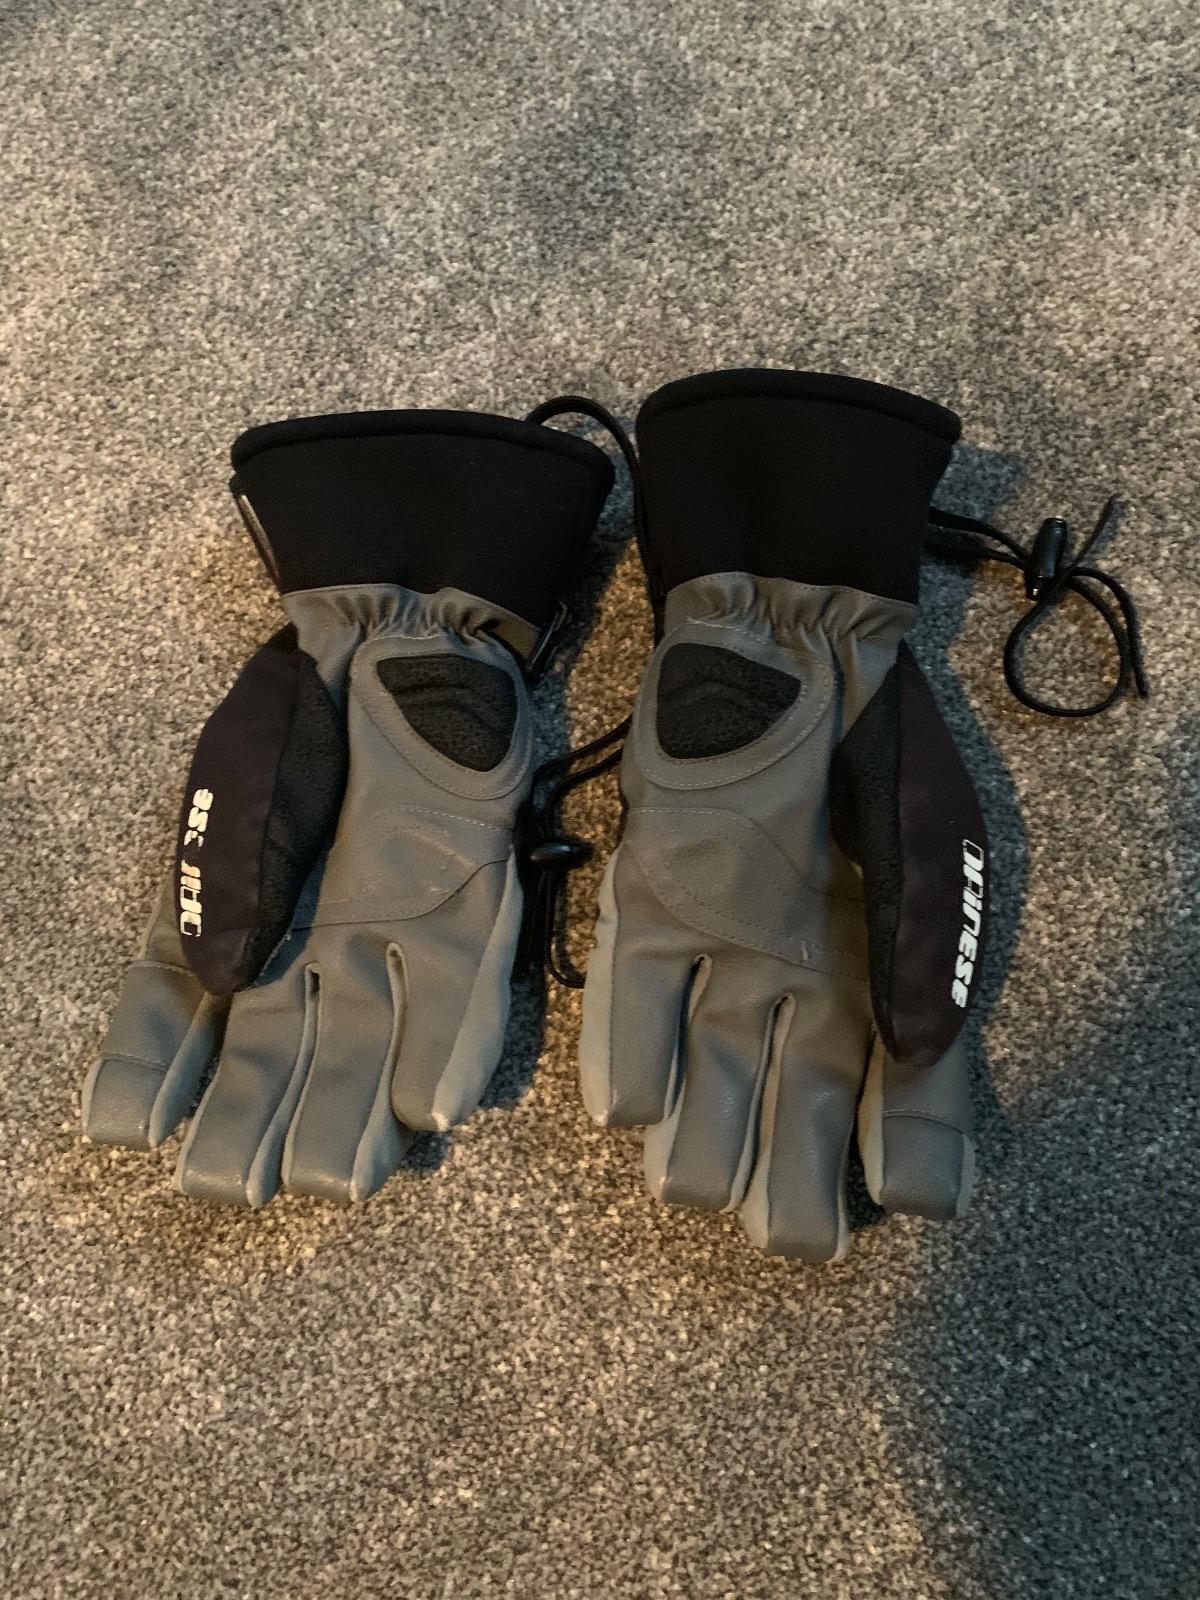 Men's Dainese Large Ski Gloves